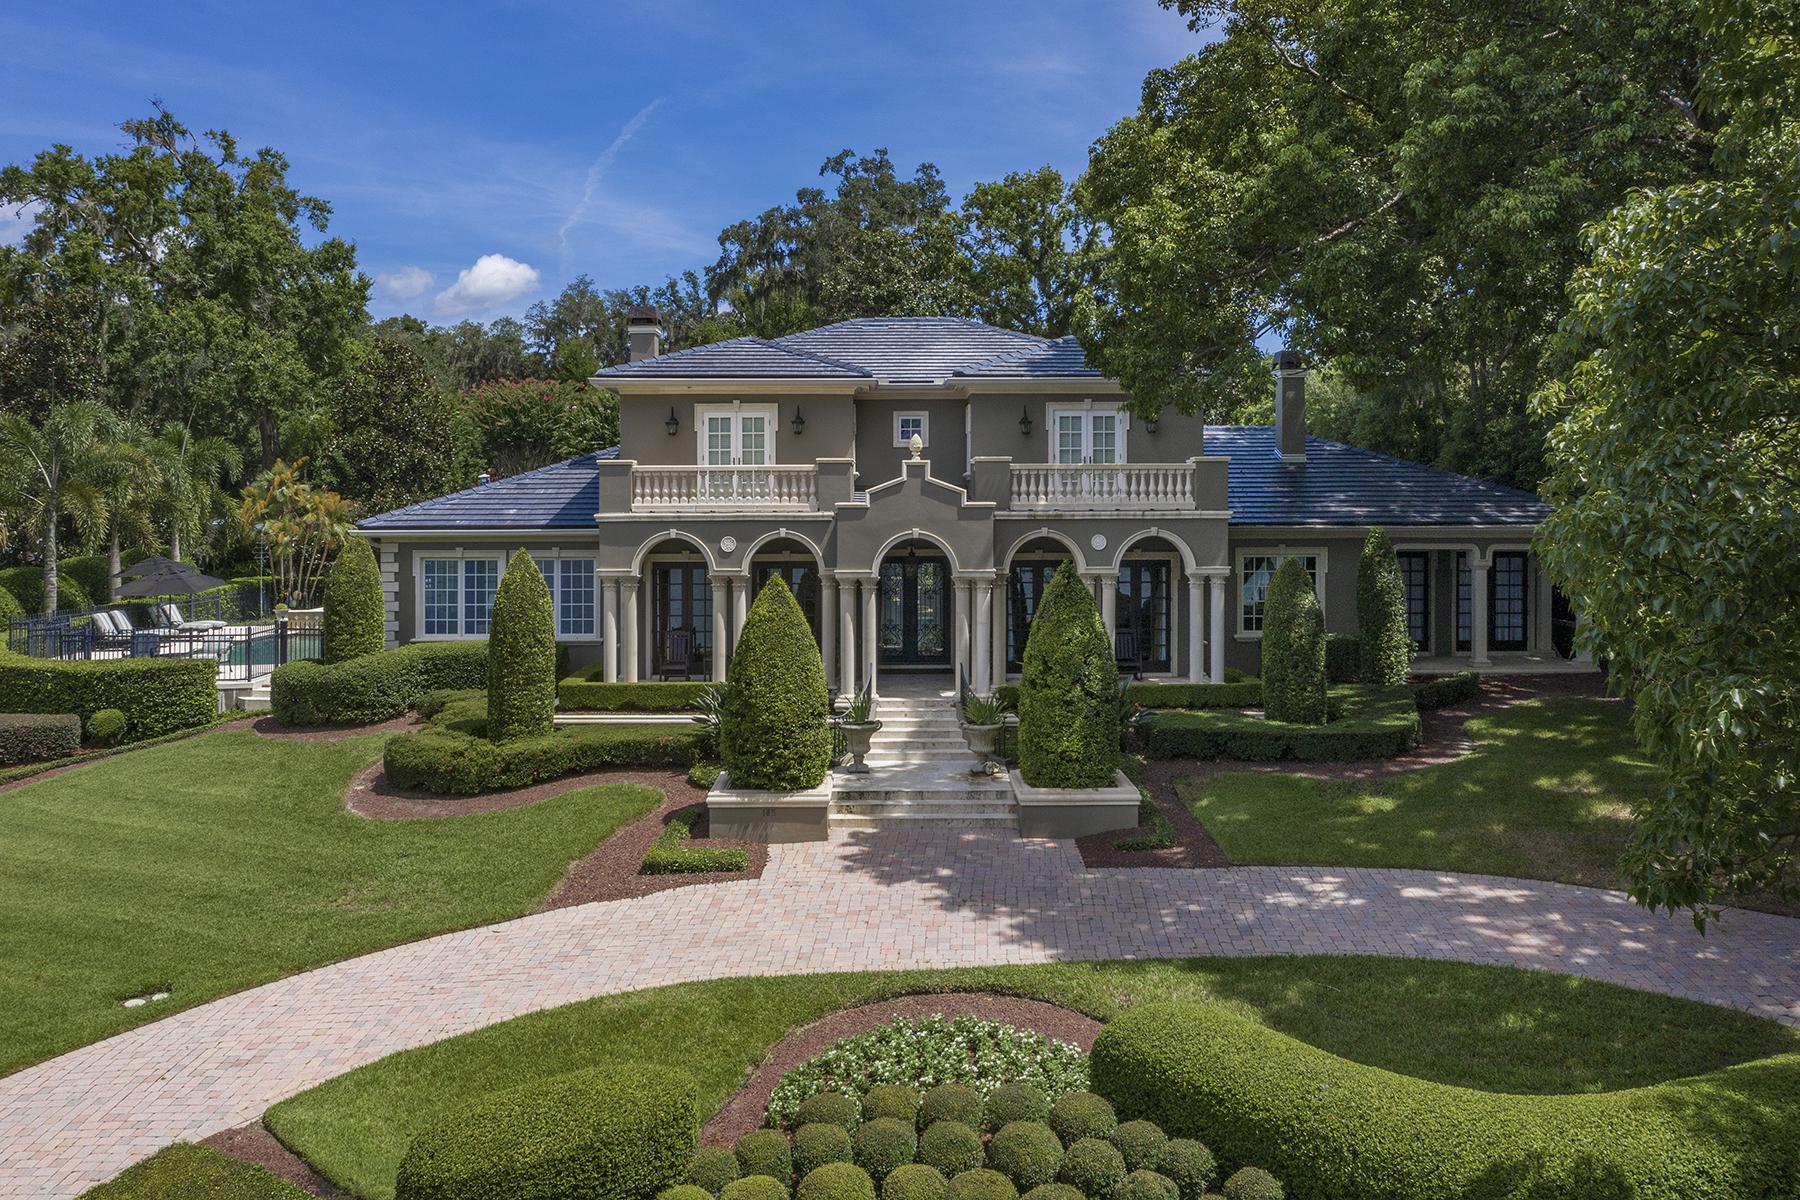 Single Family Homes için Satış at WINTER PARK 185 W Fawsett Rd, Winter Park, Florida 32789 Amerika Birleşik Devletleri